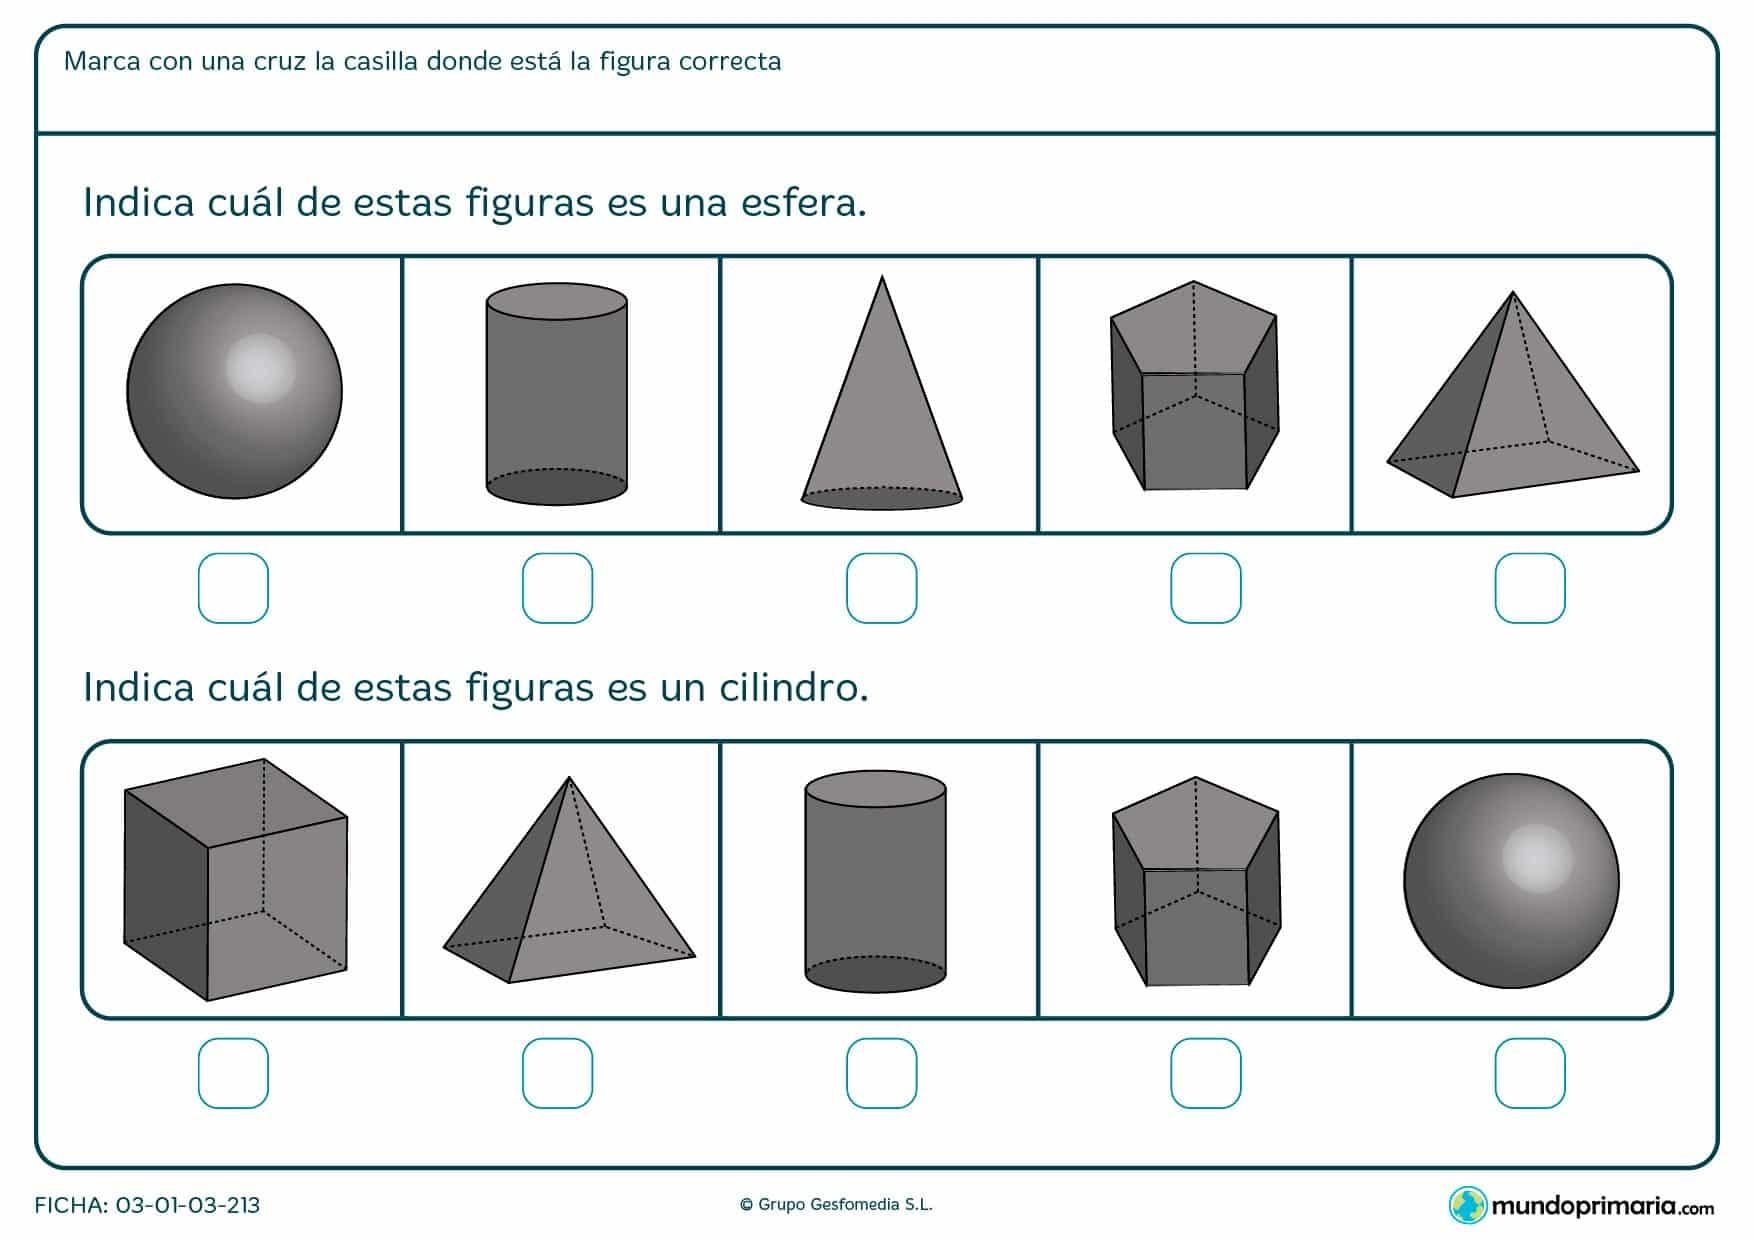 Ficha de columnas para niños de primero de primaria en el que se aprende a diferenciar distintas figuras.